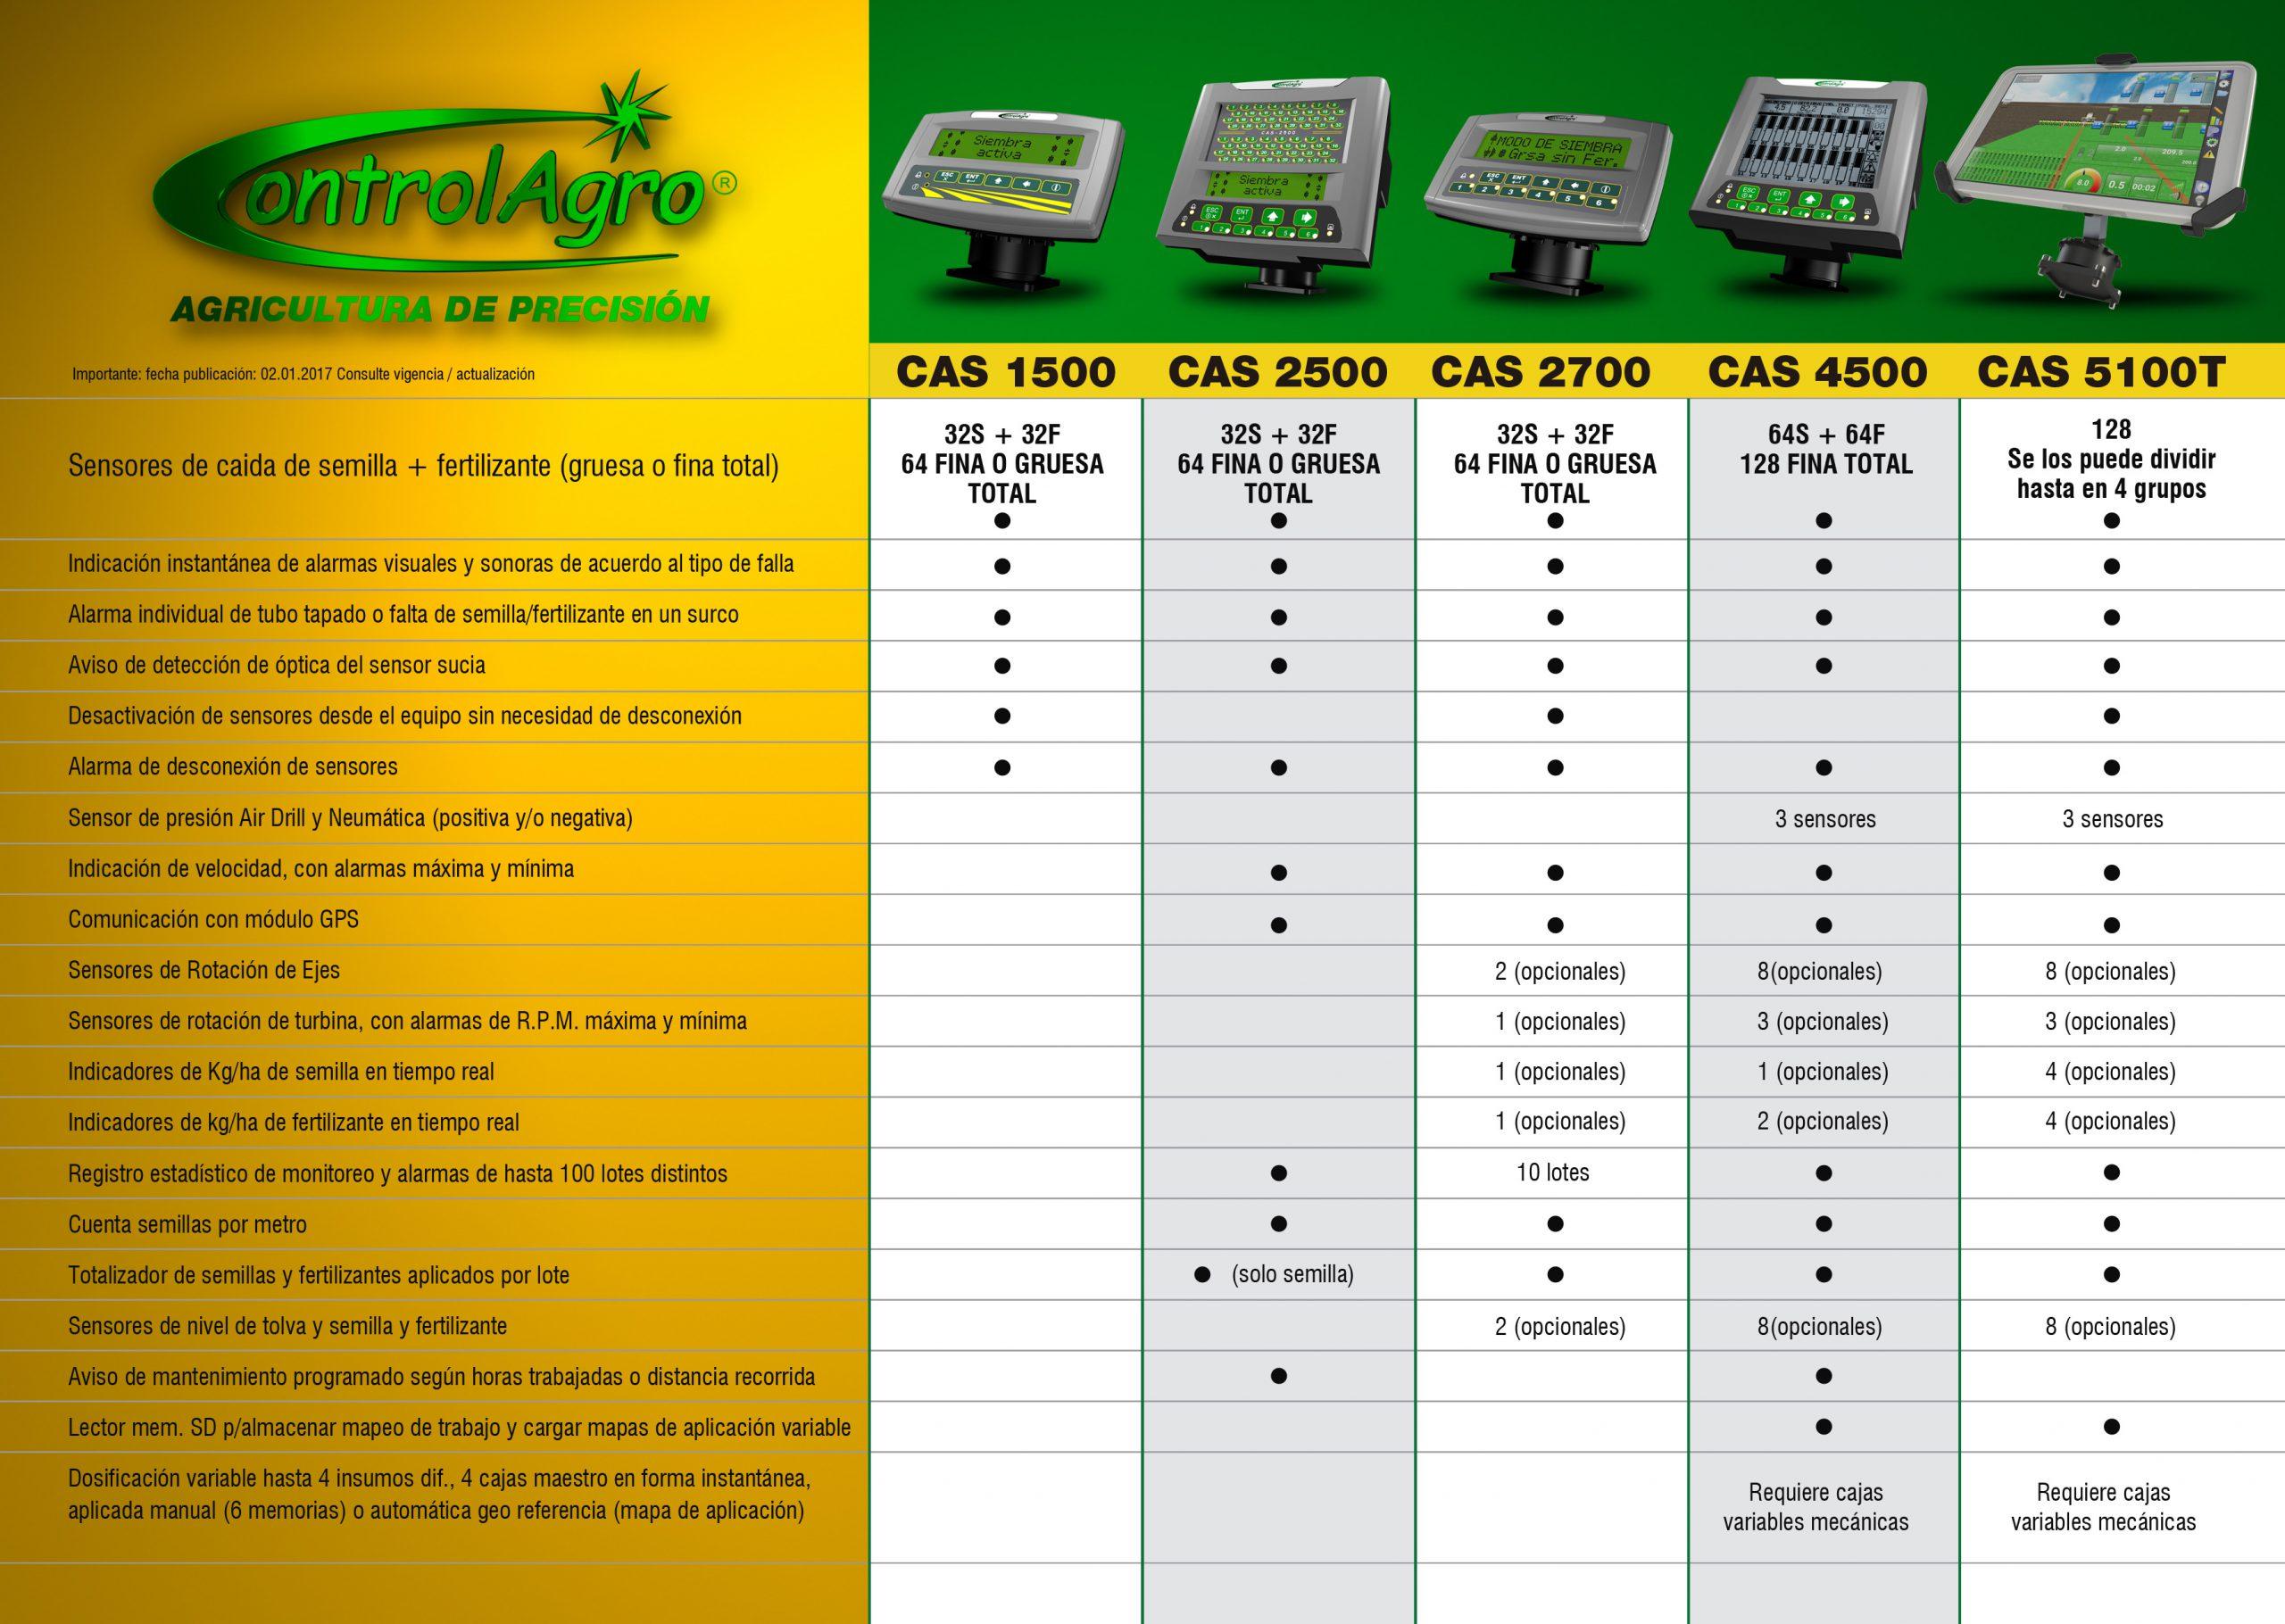 Tabla Comparativa de Monitores ControlAgro